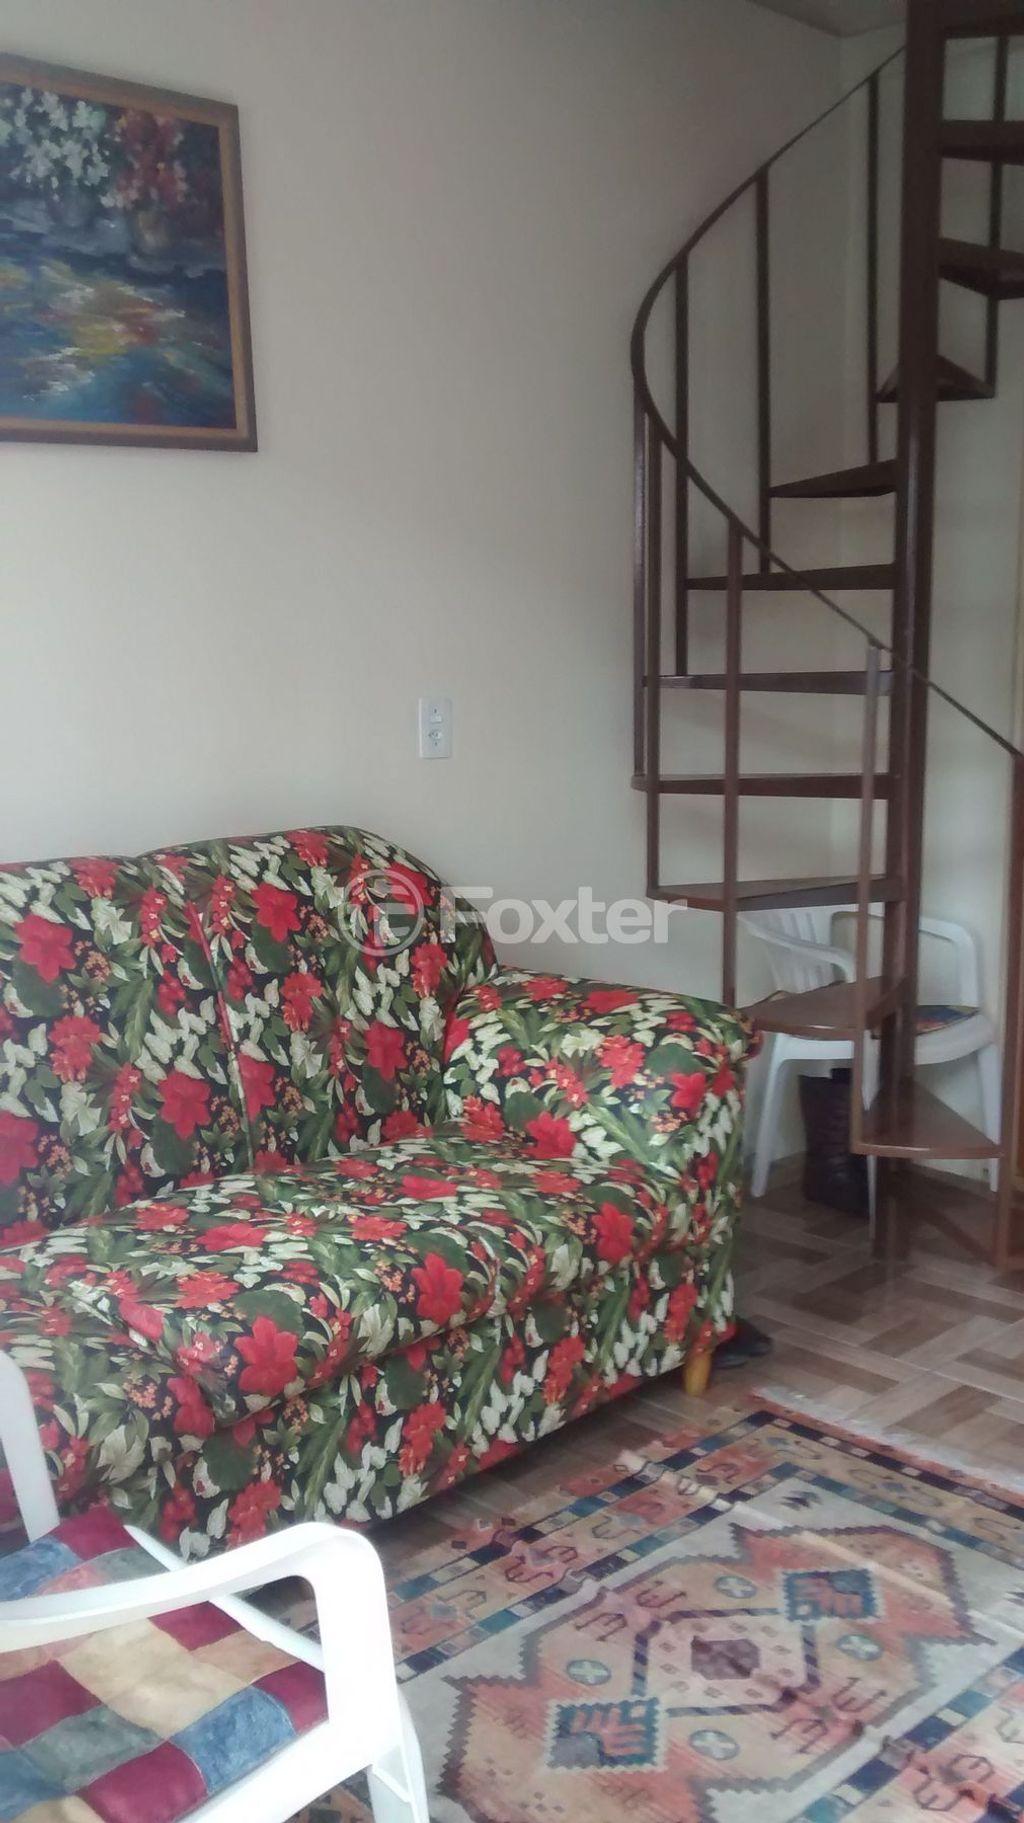 Casa 2 Dorm, Restinga, Porto Alegre (143335) - Foto 2